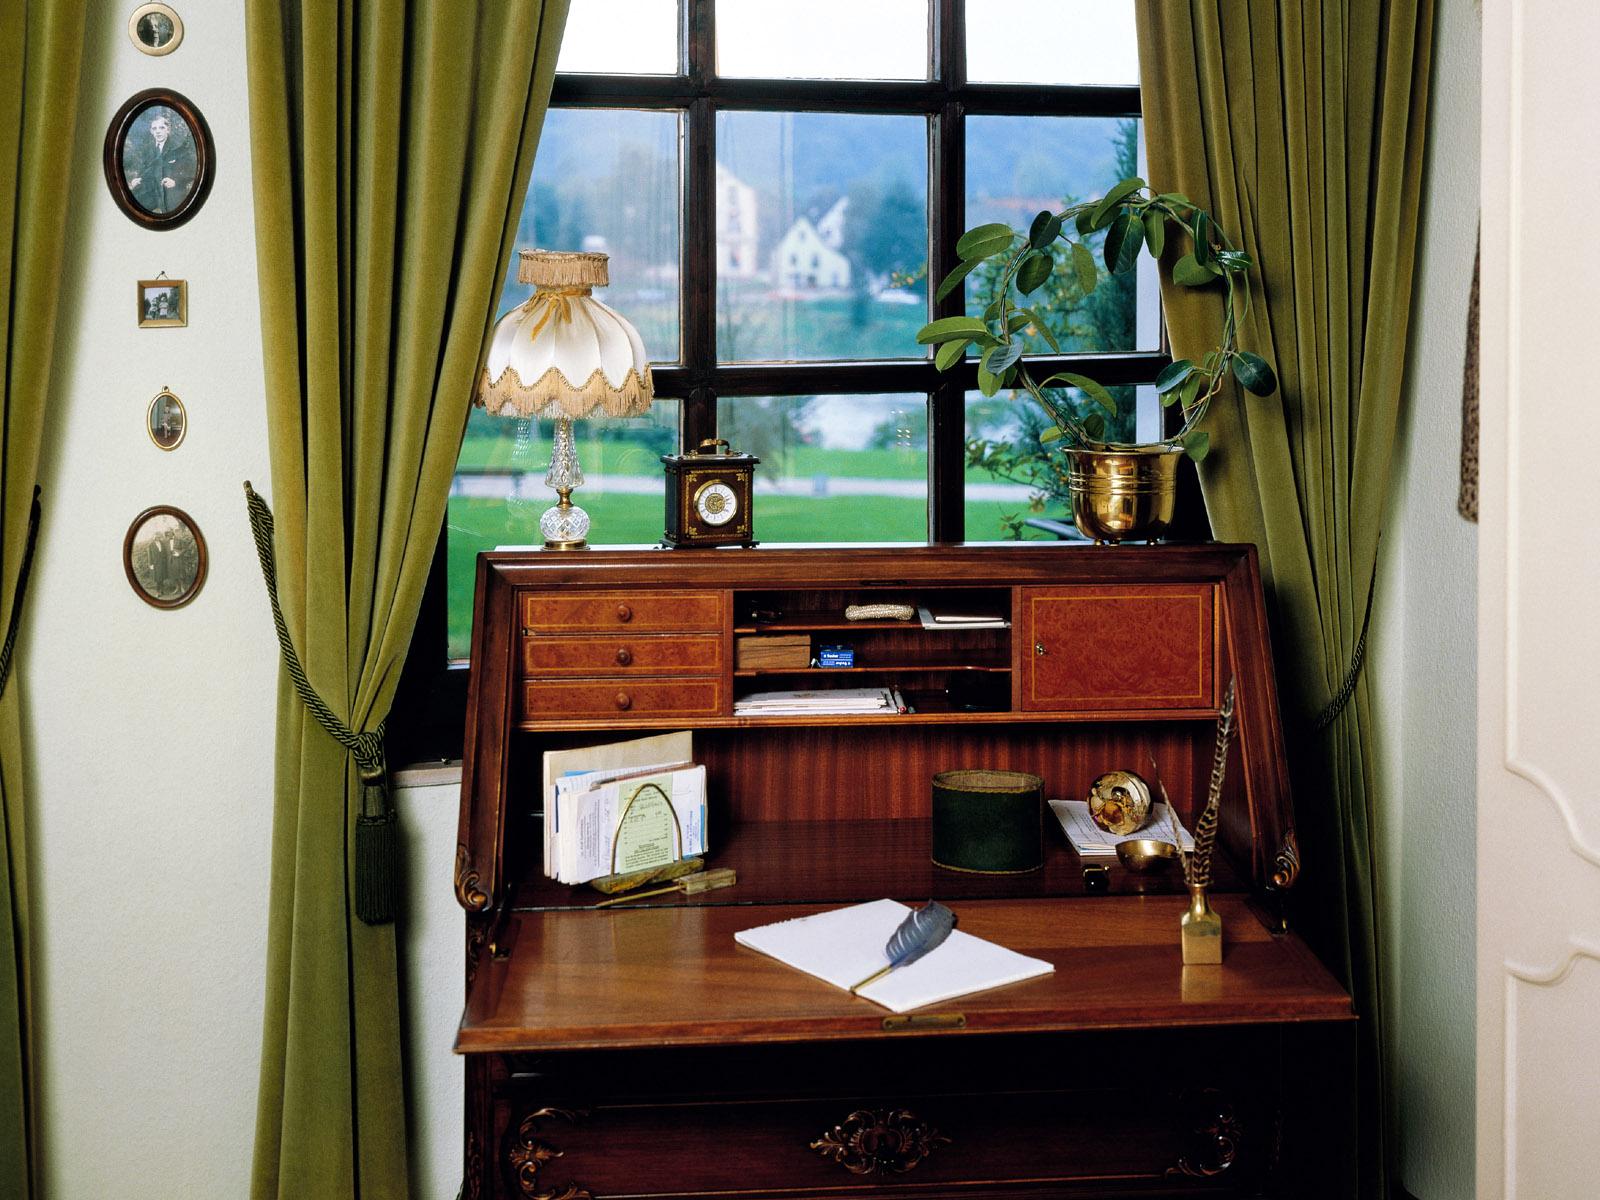 http://4.bp.blogspot.com/_-BSvwBMTFS0/S-hhX0LifmI/AAAAAAAABqw/MtVS-p50yk4/s1600/home+interior+design+picture_37.jpg